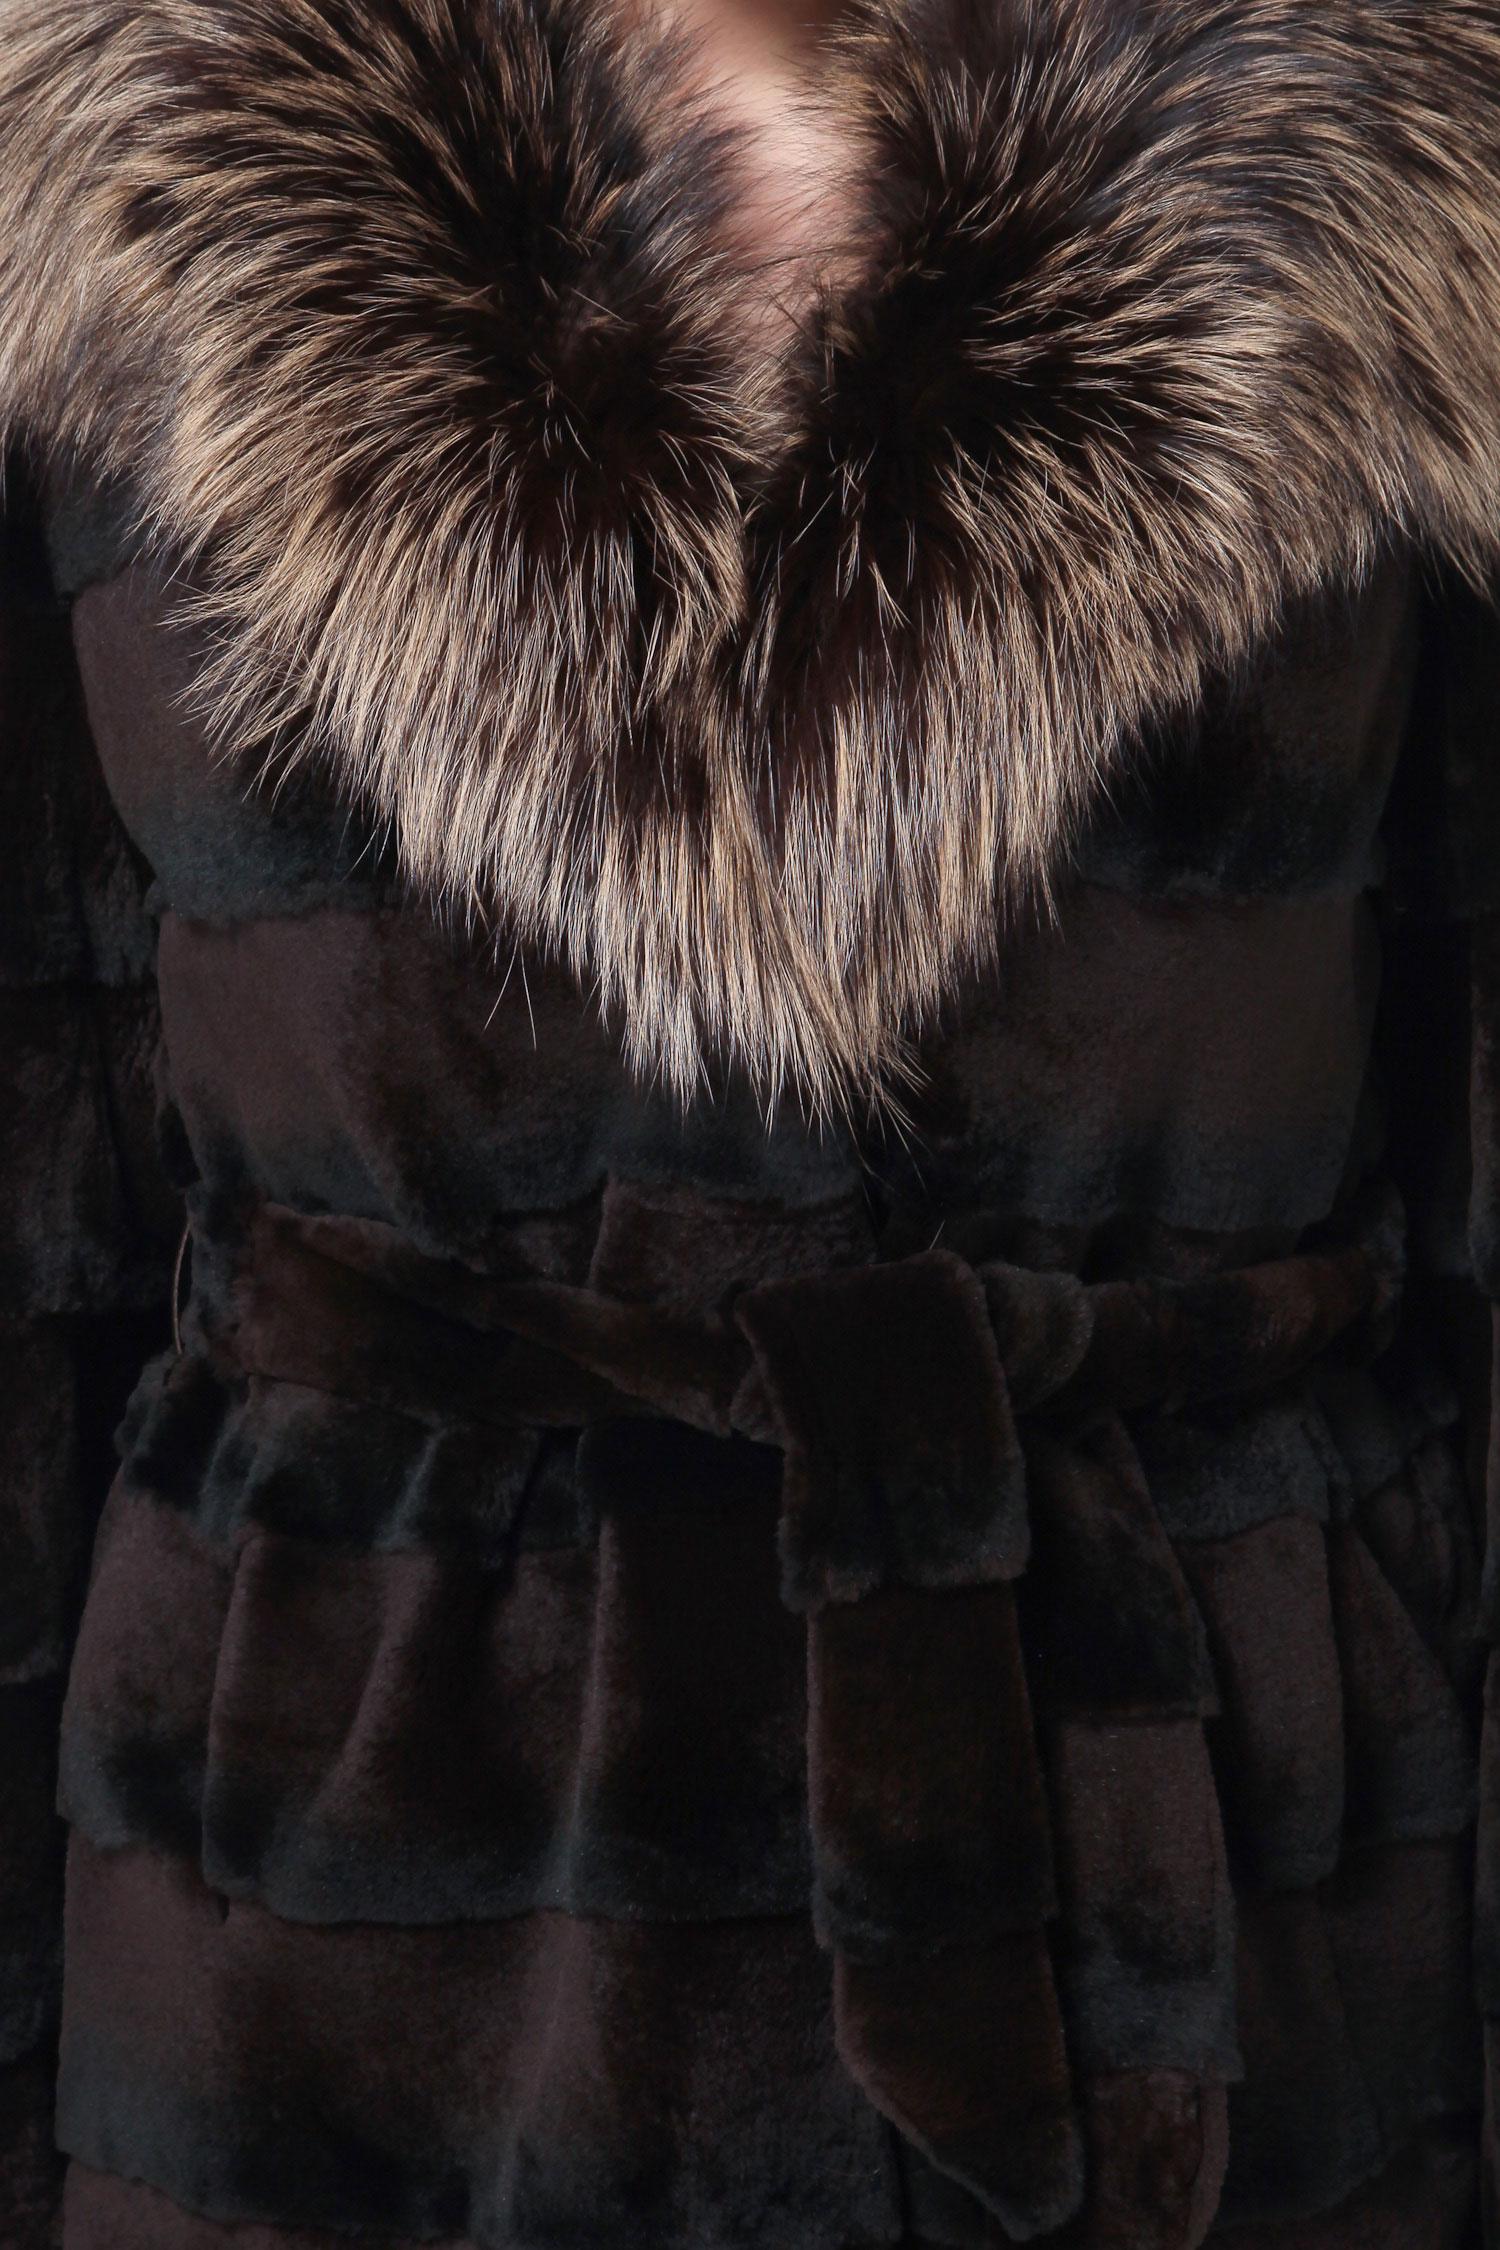 Куртка из кролика рекс с капюшоном, отделка лиса от Московская Меховая Компания